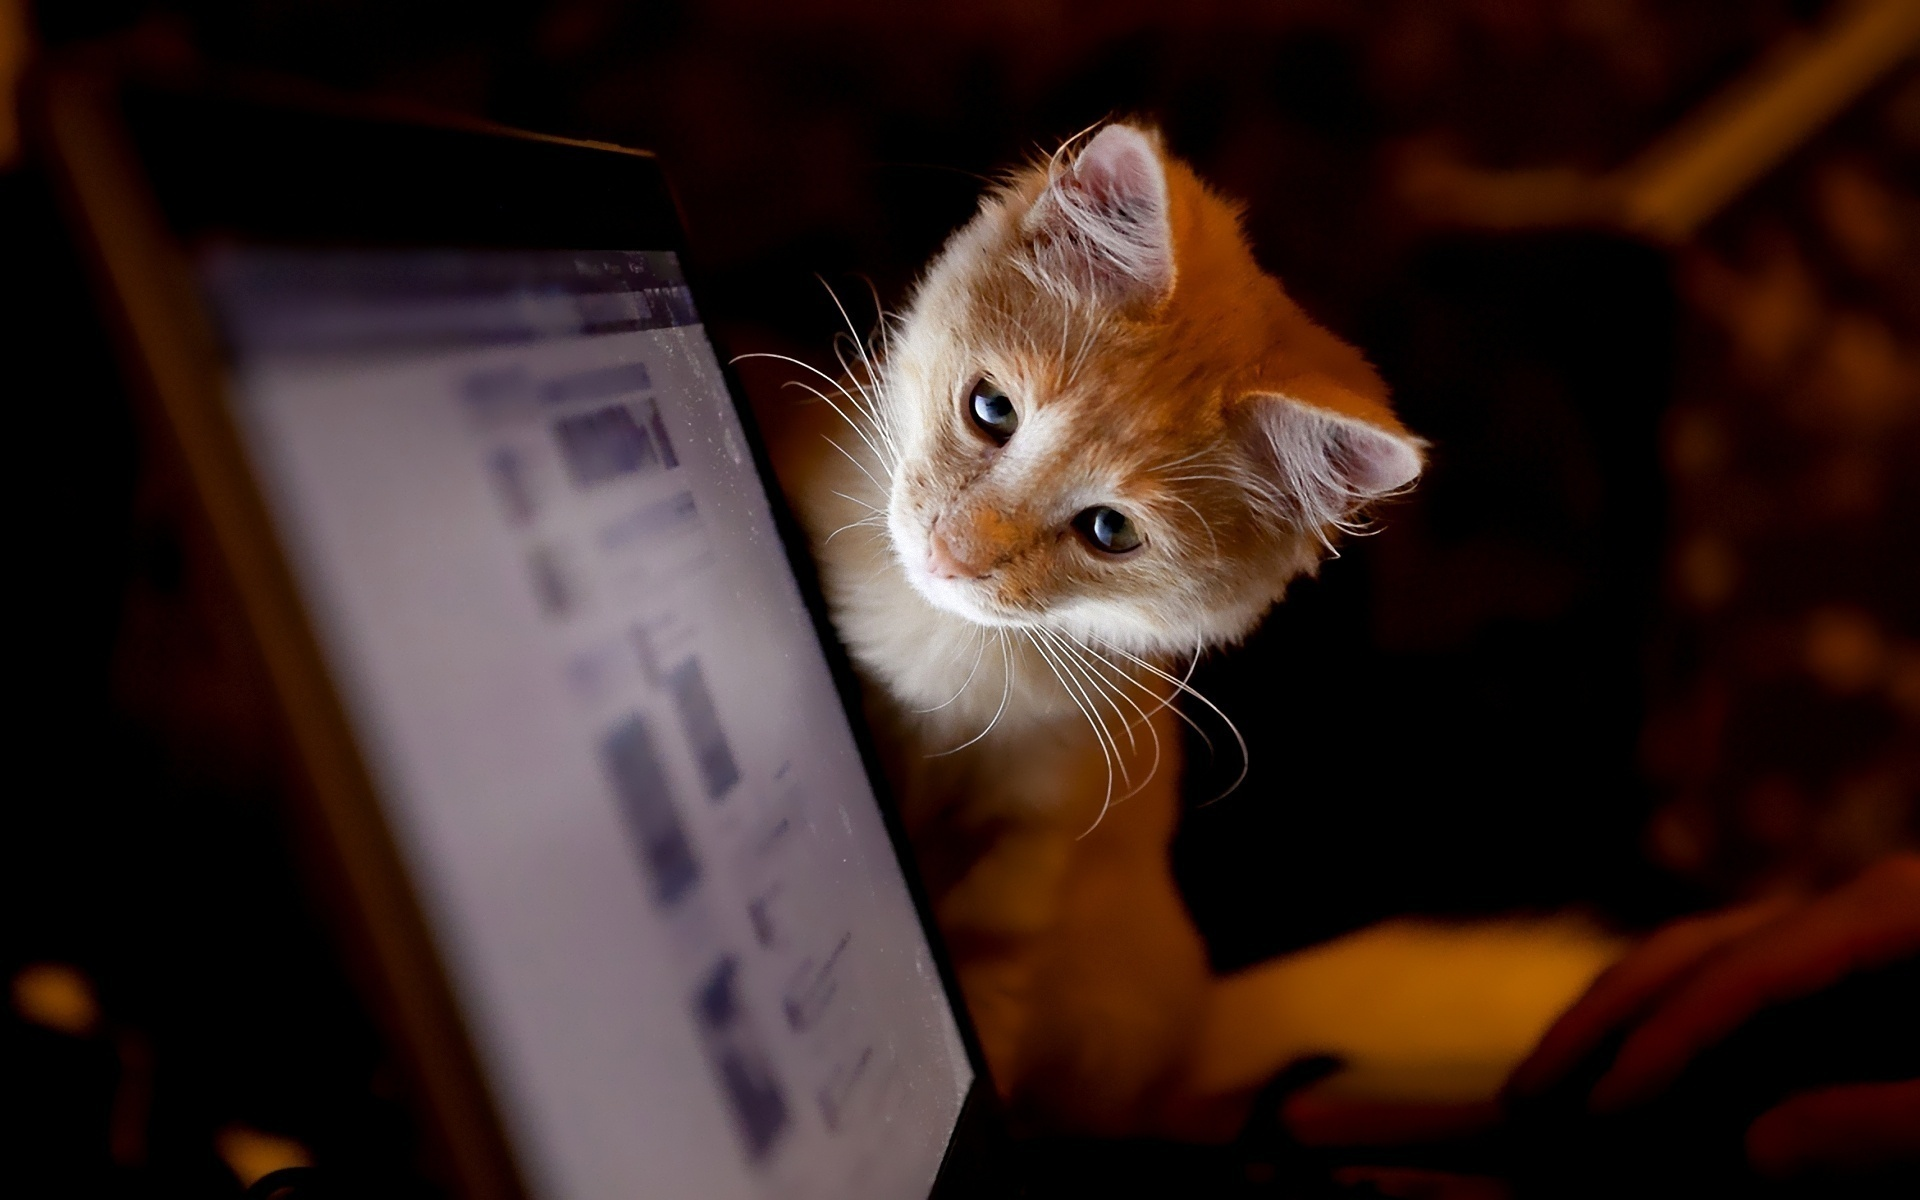 Смотреть картинки в вконтакте